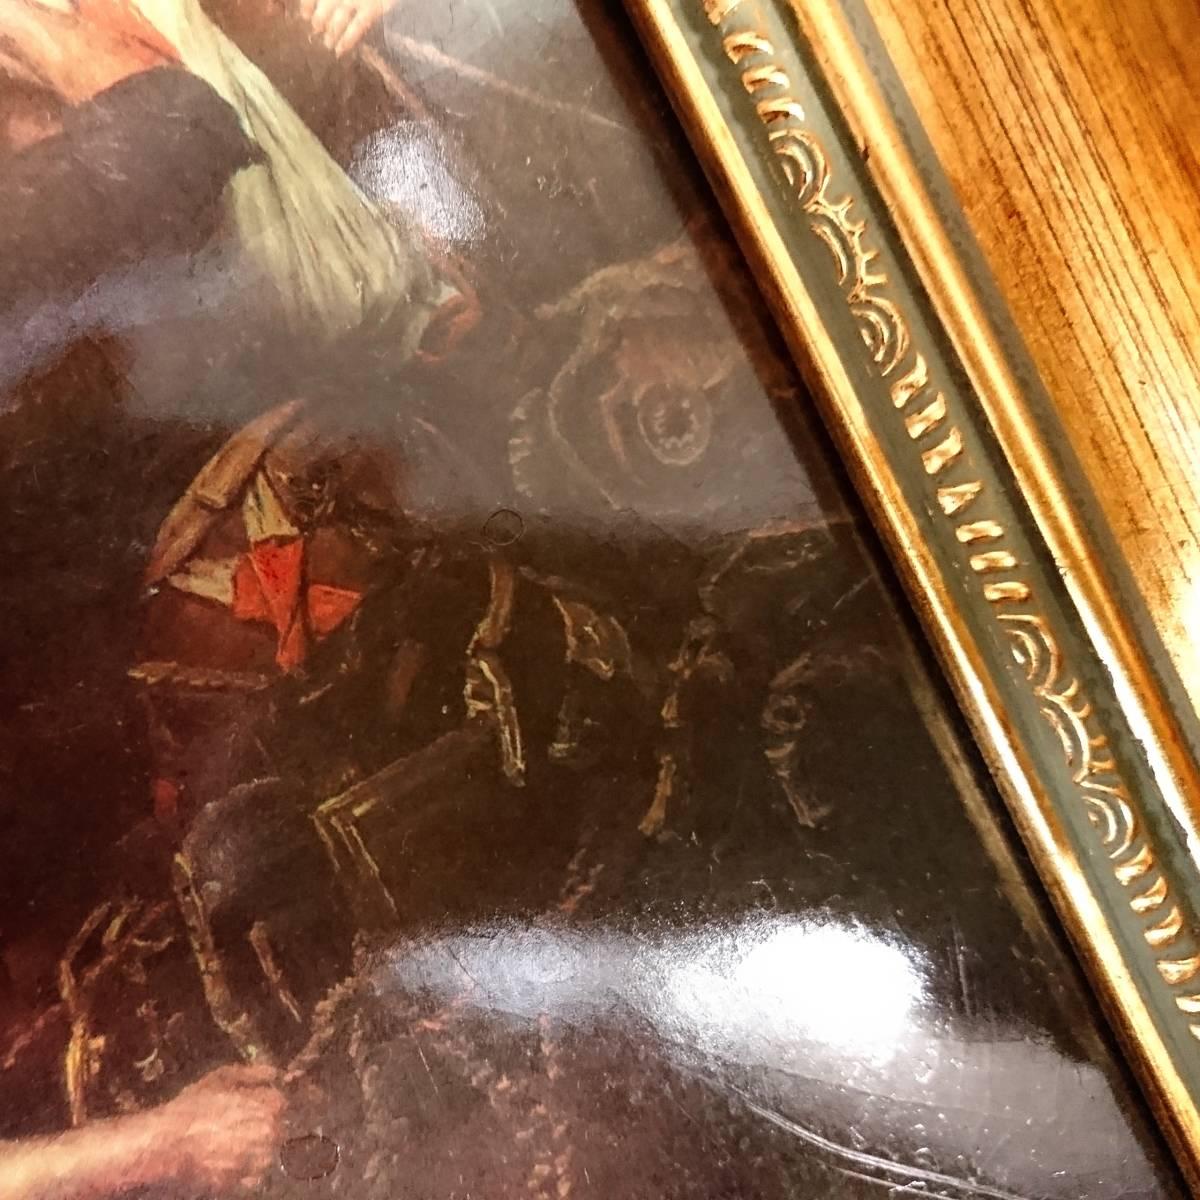 美麗 華麗 ロイヤルヴィエナ 額装 陶版画 大パネル 40㎝ 船港湾 美麗 額装 大型船出航図_画像4